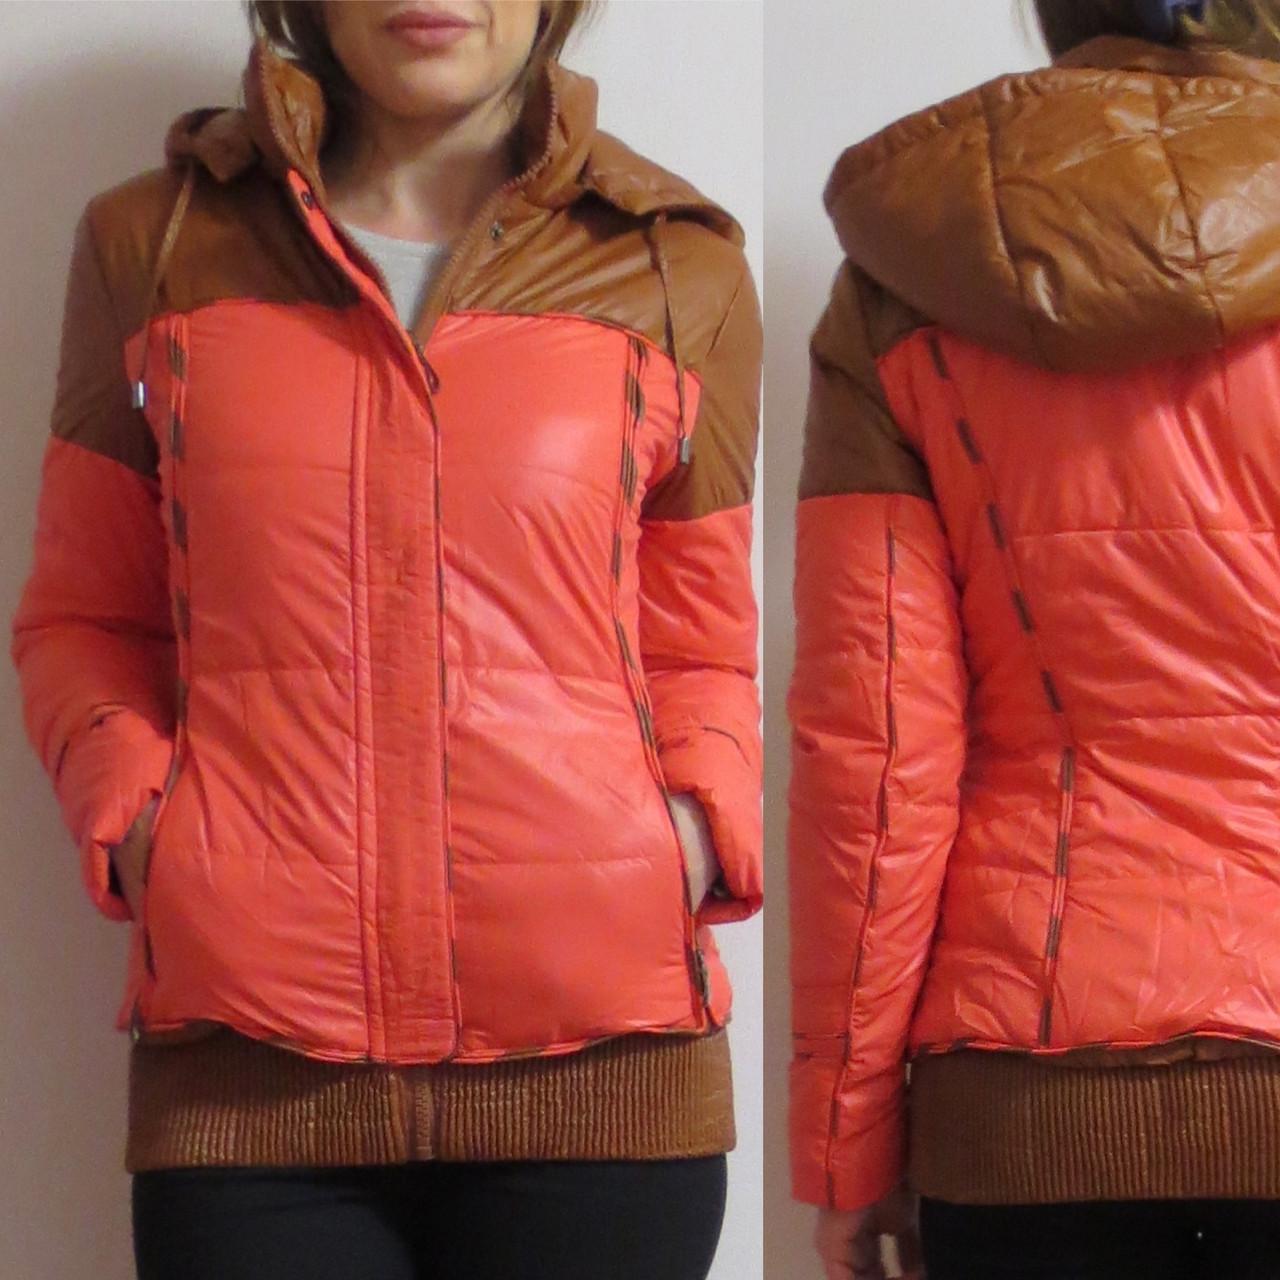 Распродажа Демисезонные Куртки Размеры 40-44. Утеплитель тинсулейт Фабричный Китай